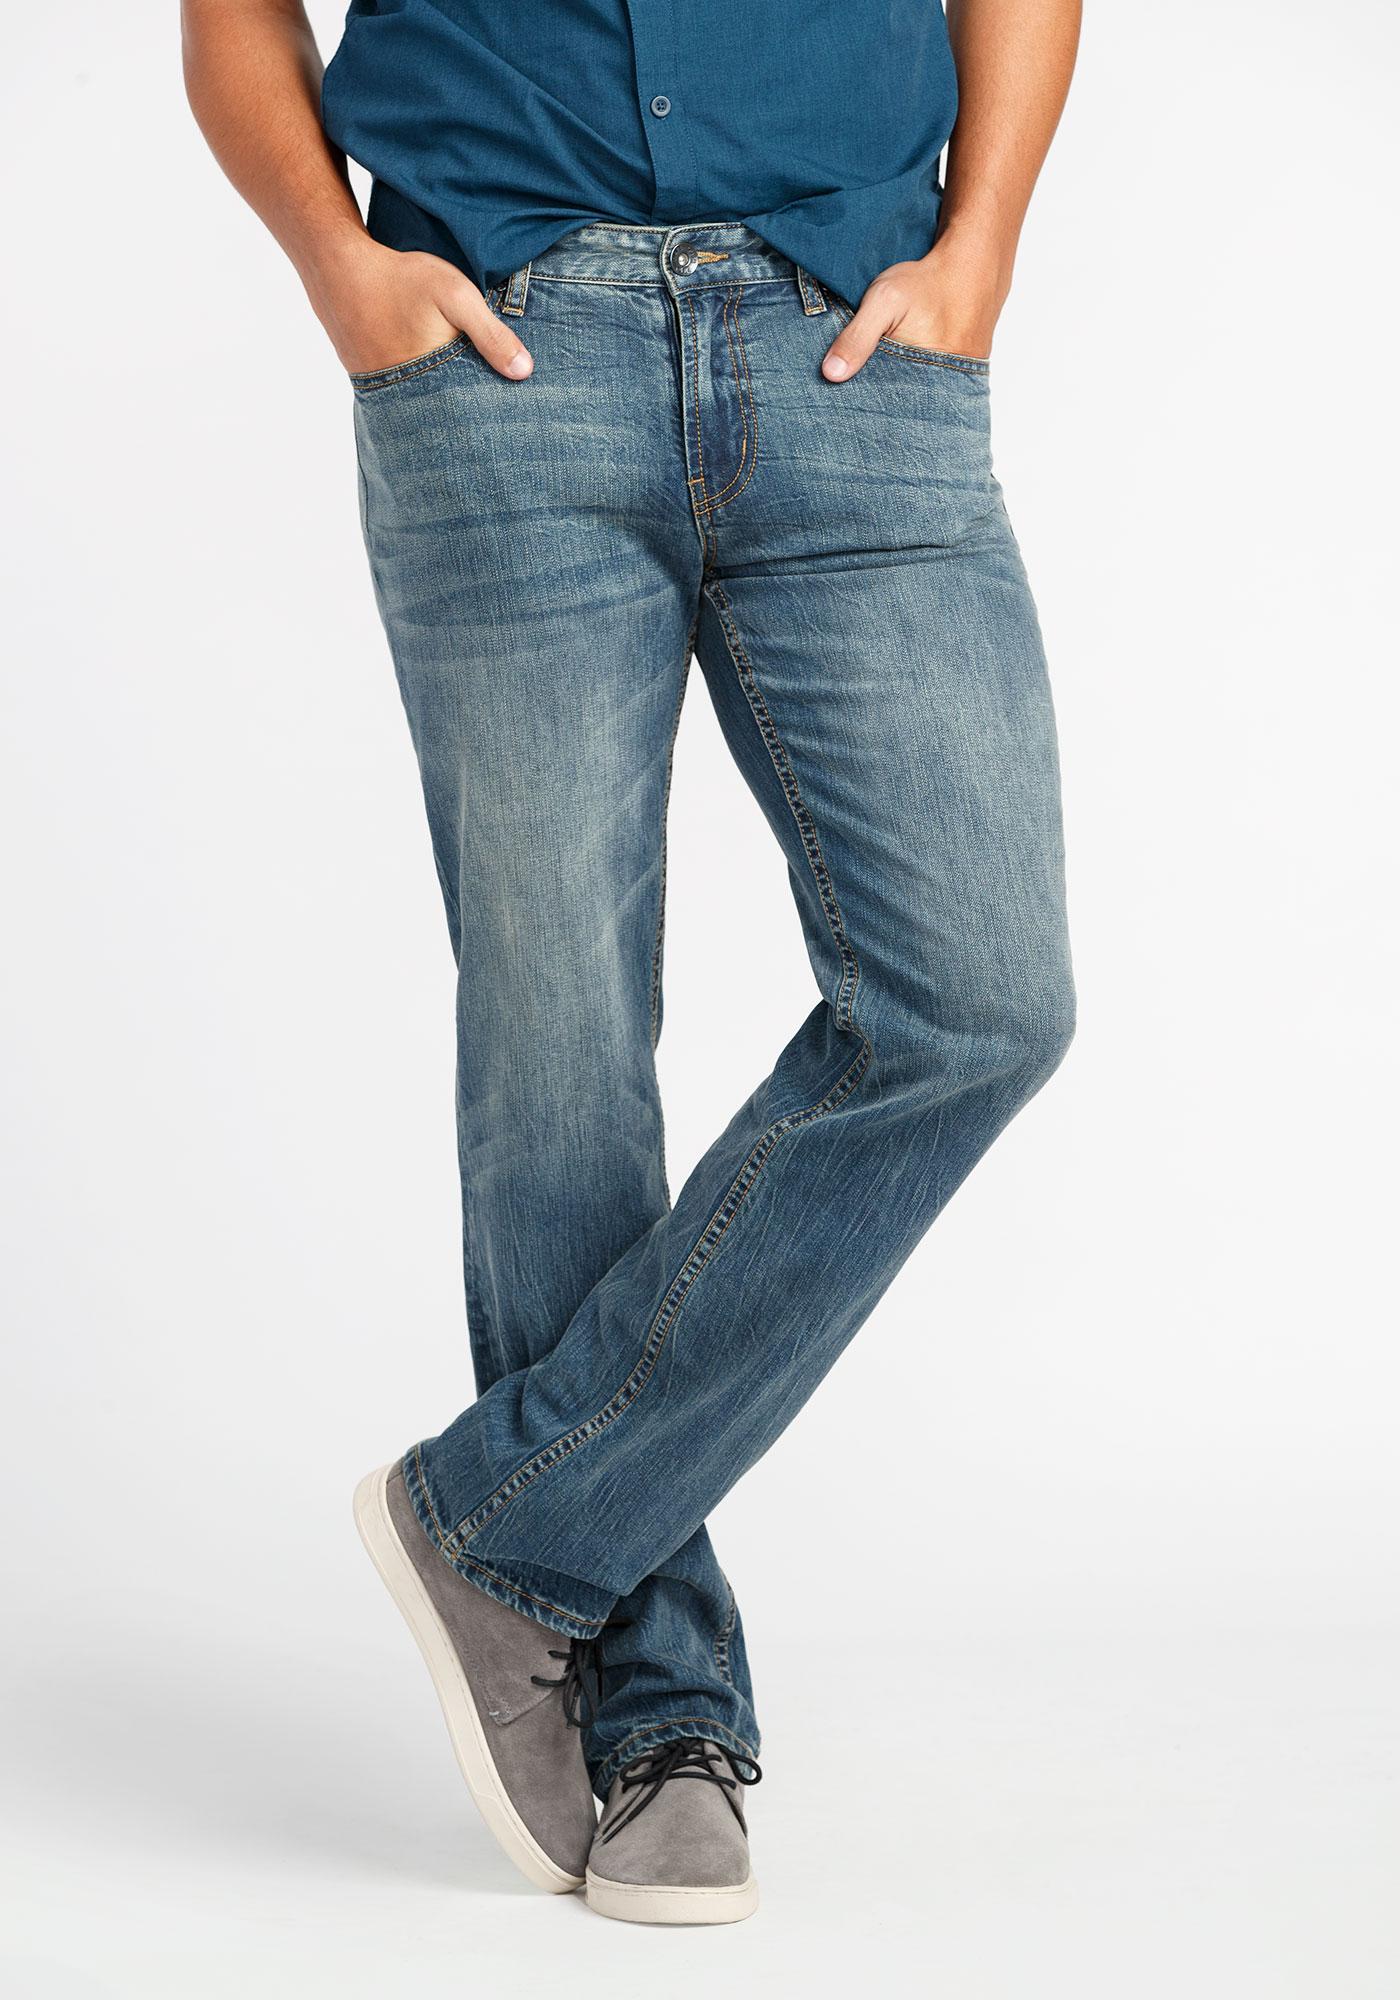 Light Wash Jeans For Men